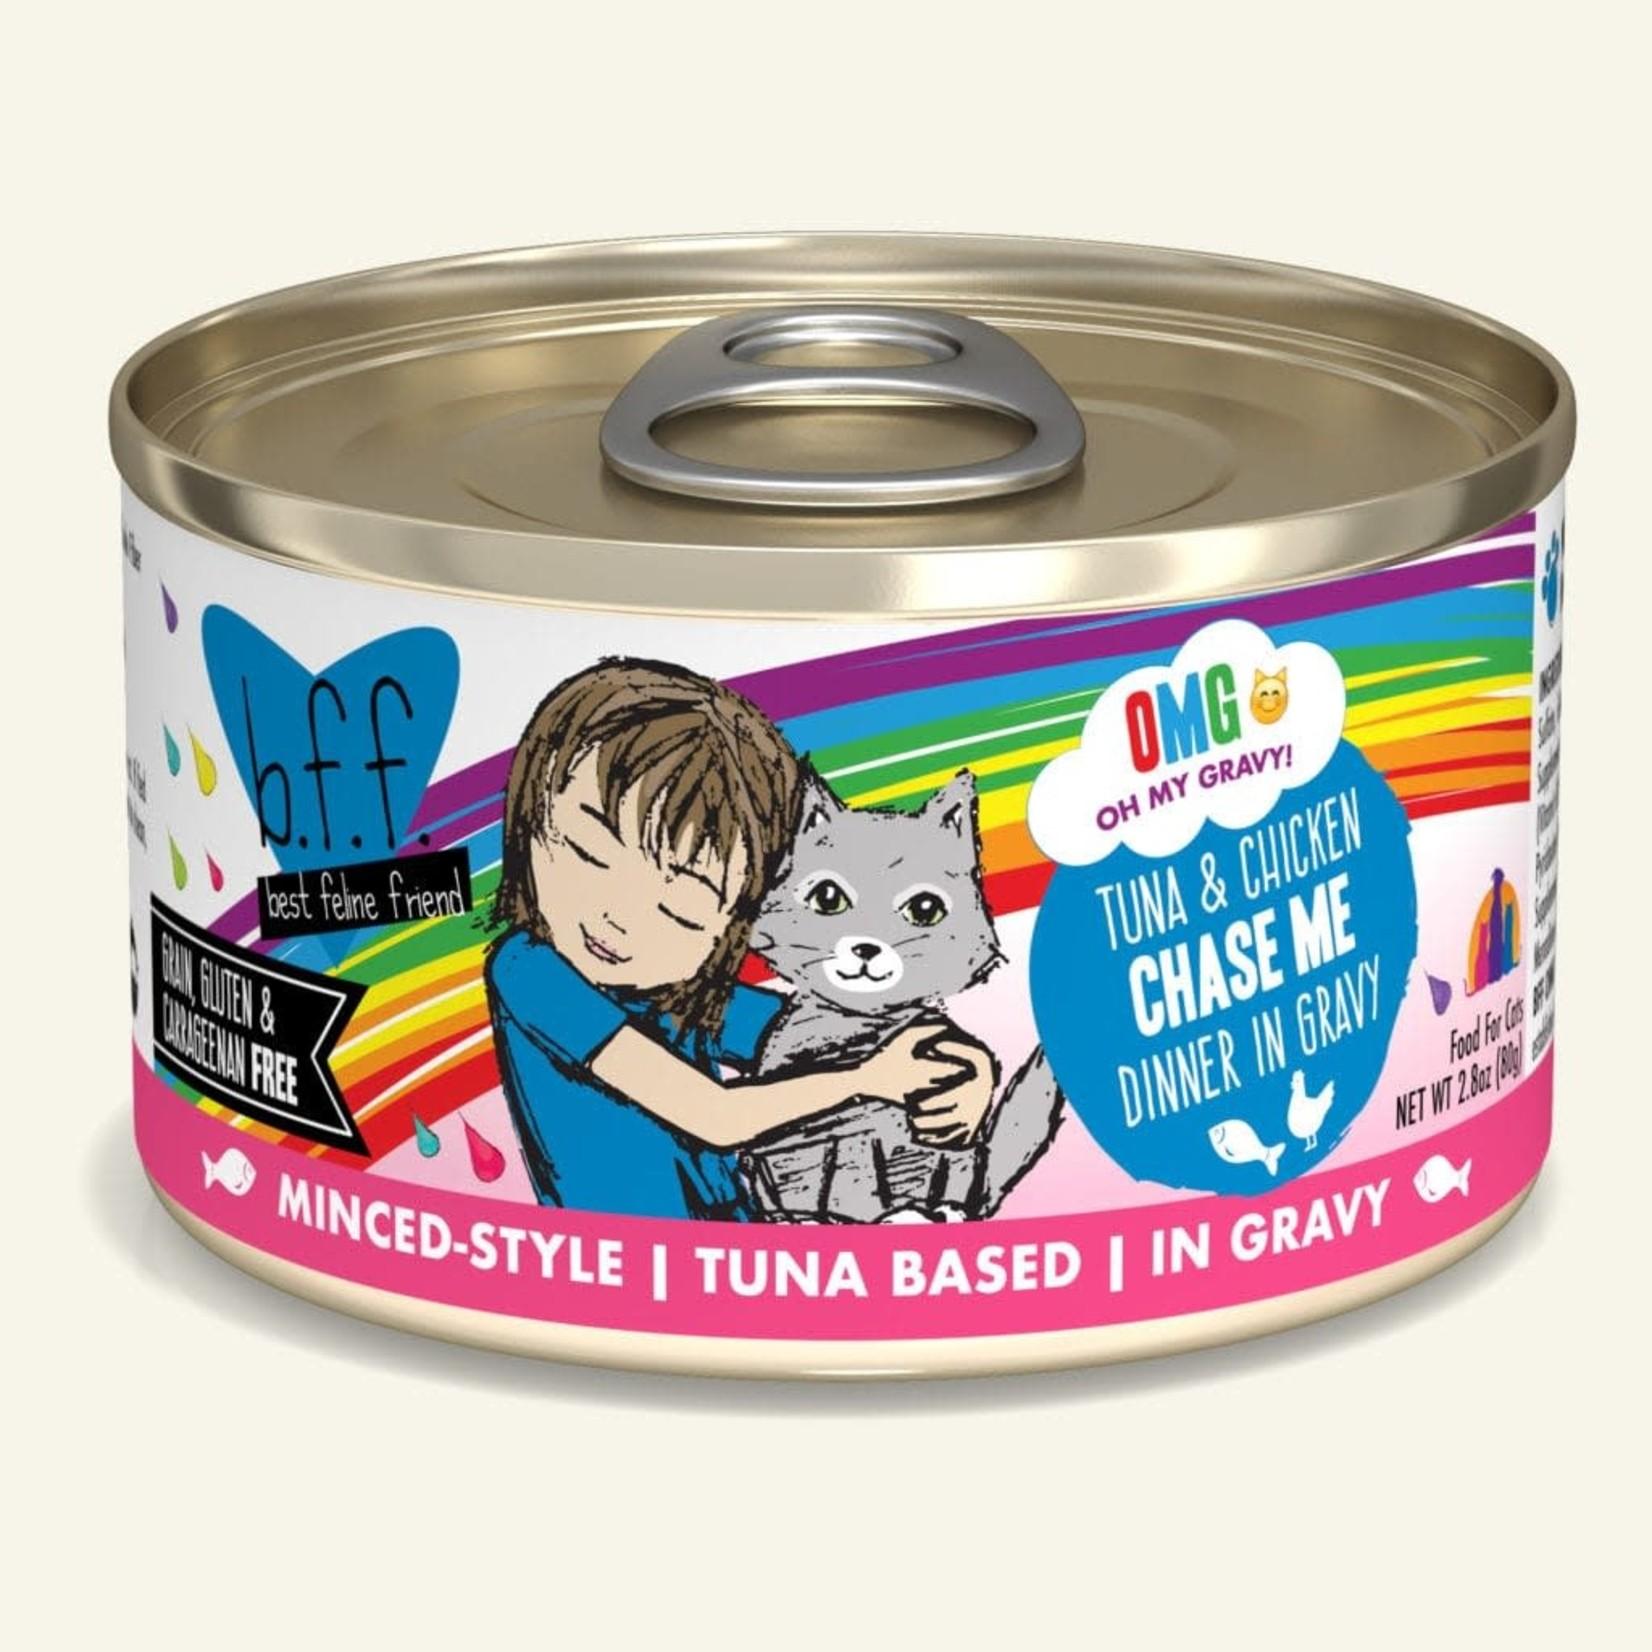 Weruva BFF OMG Cat Tuna & Chicken Chase Me 2.8 OZ